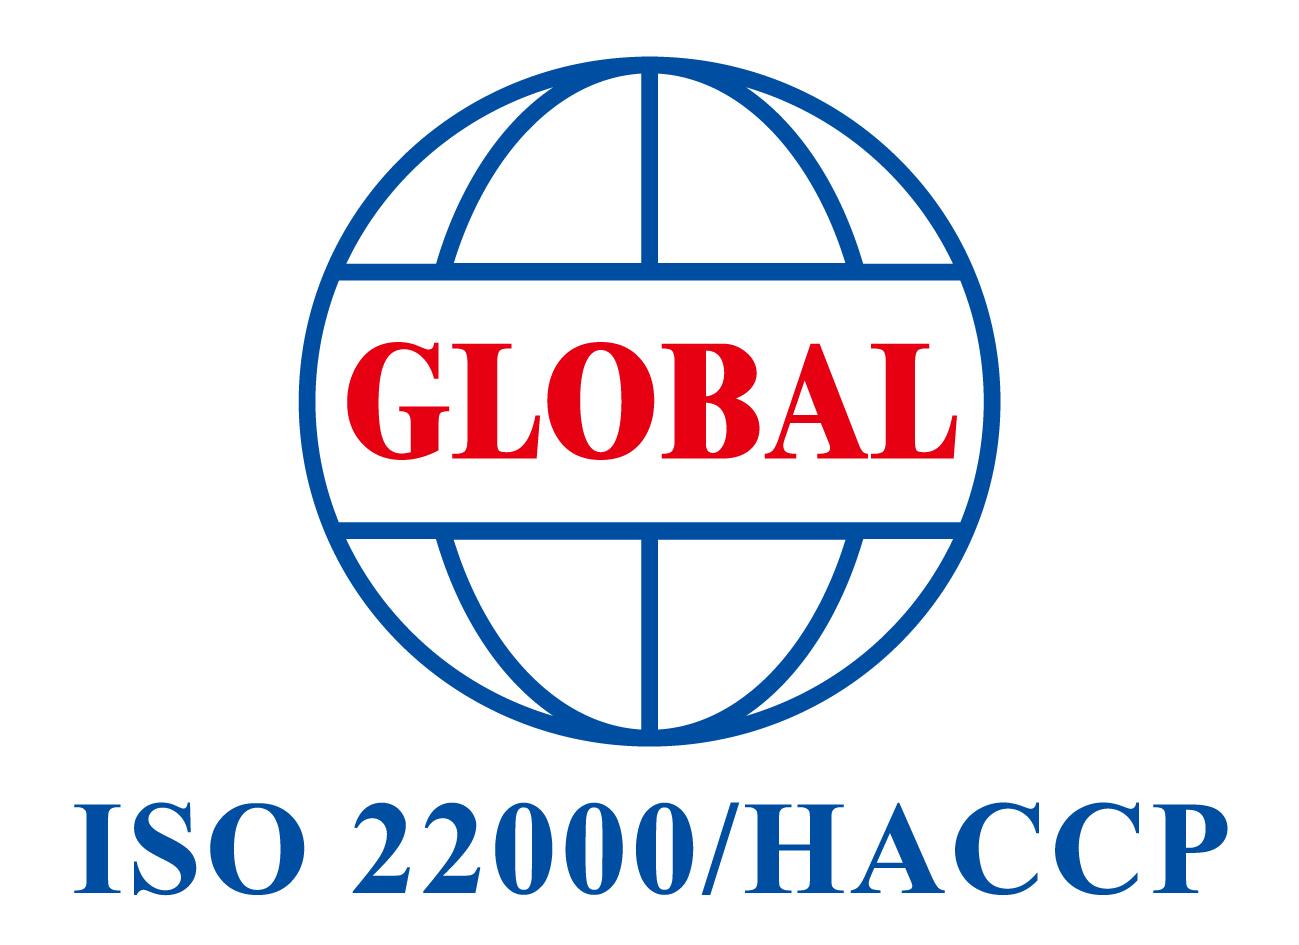 ISO 22000:2005、HACCP